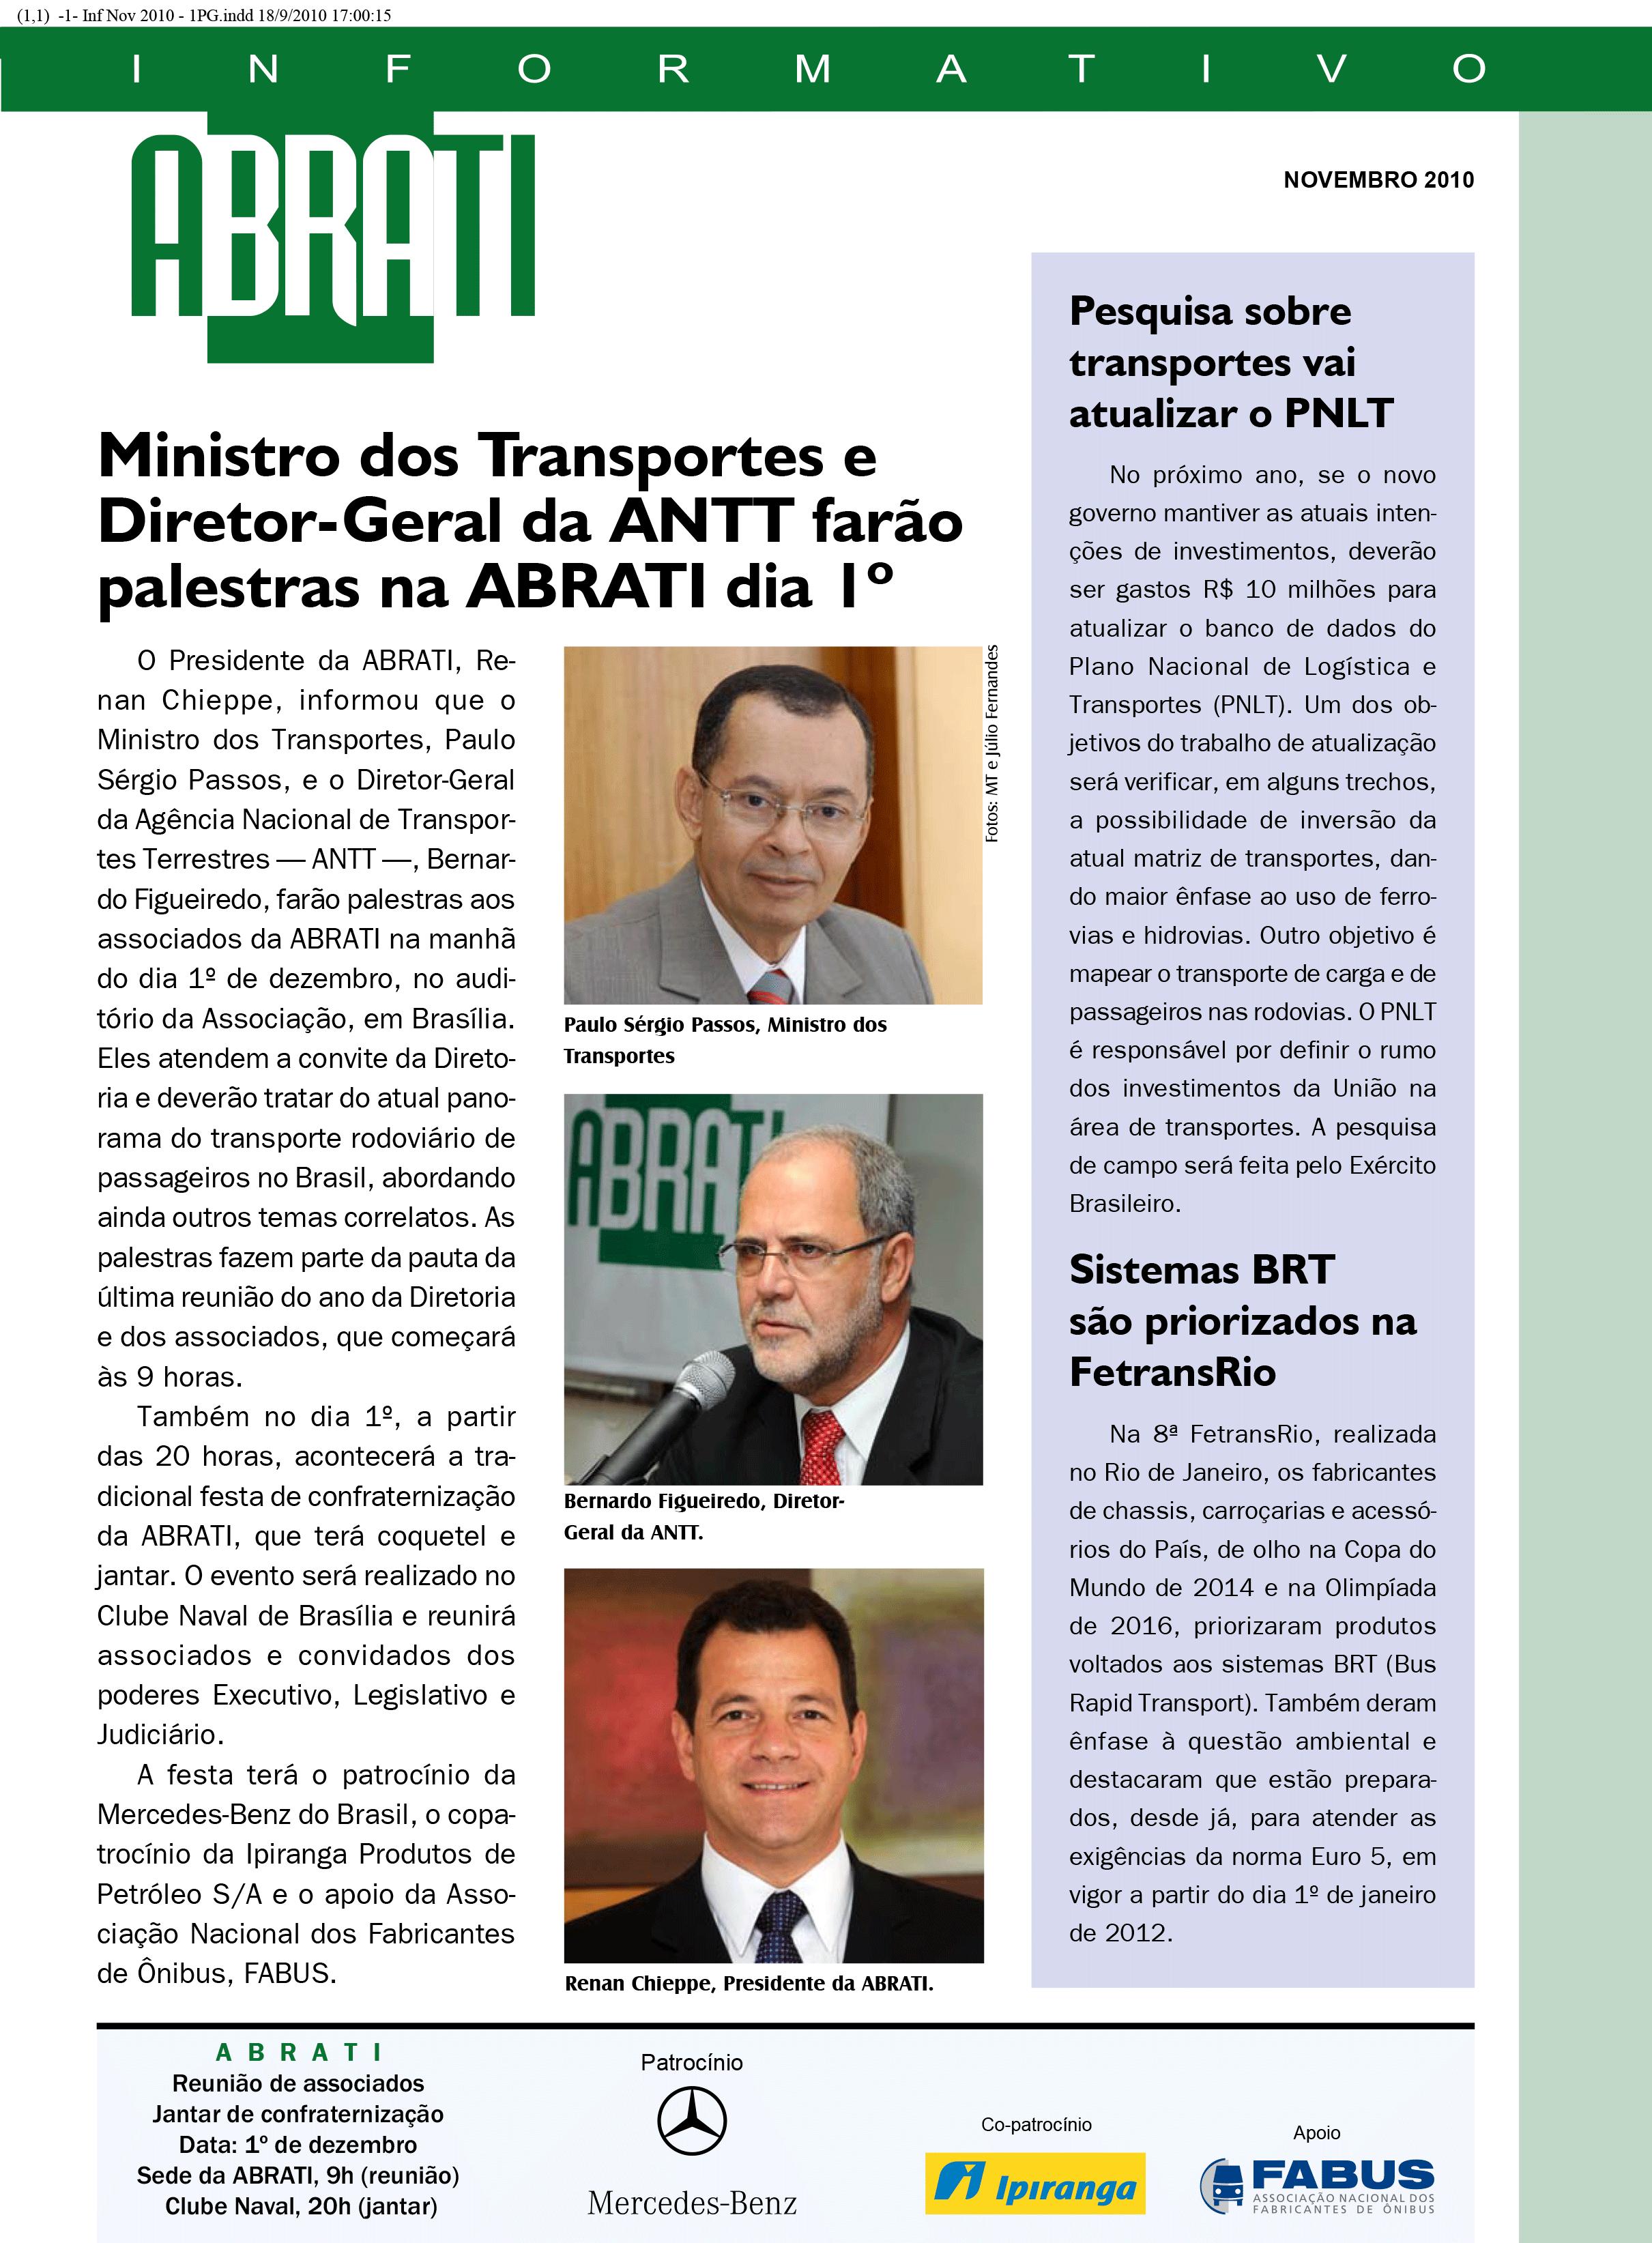 Informativo Novembro 2010